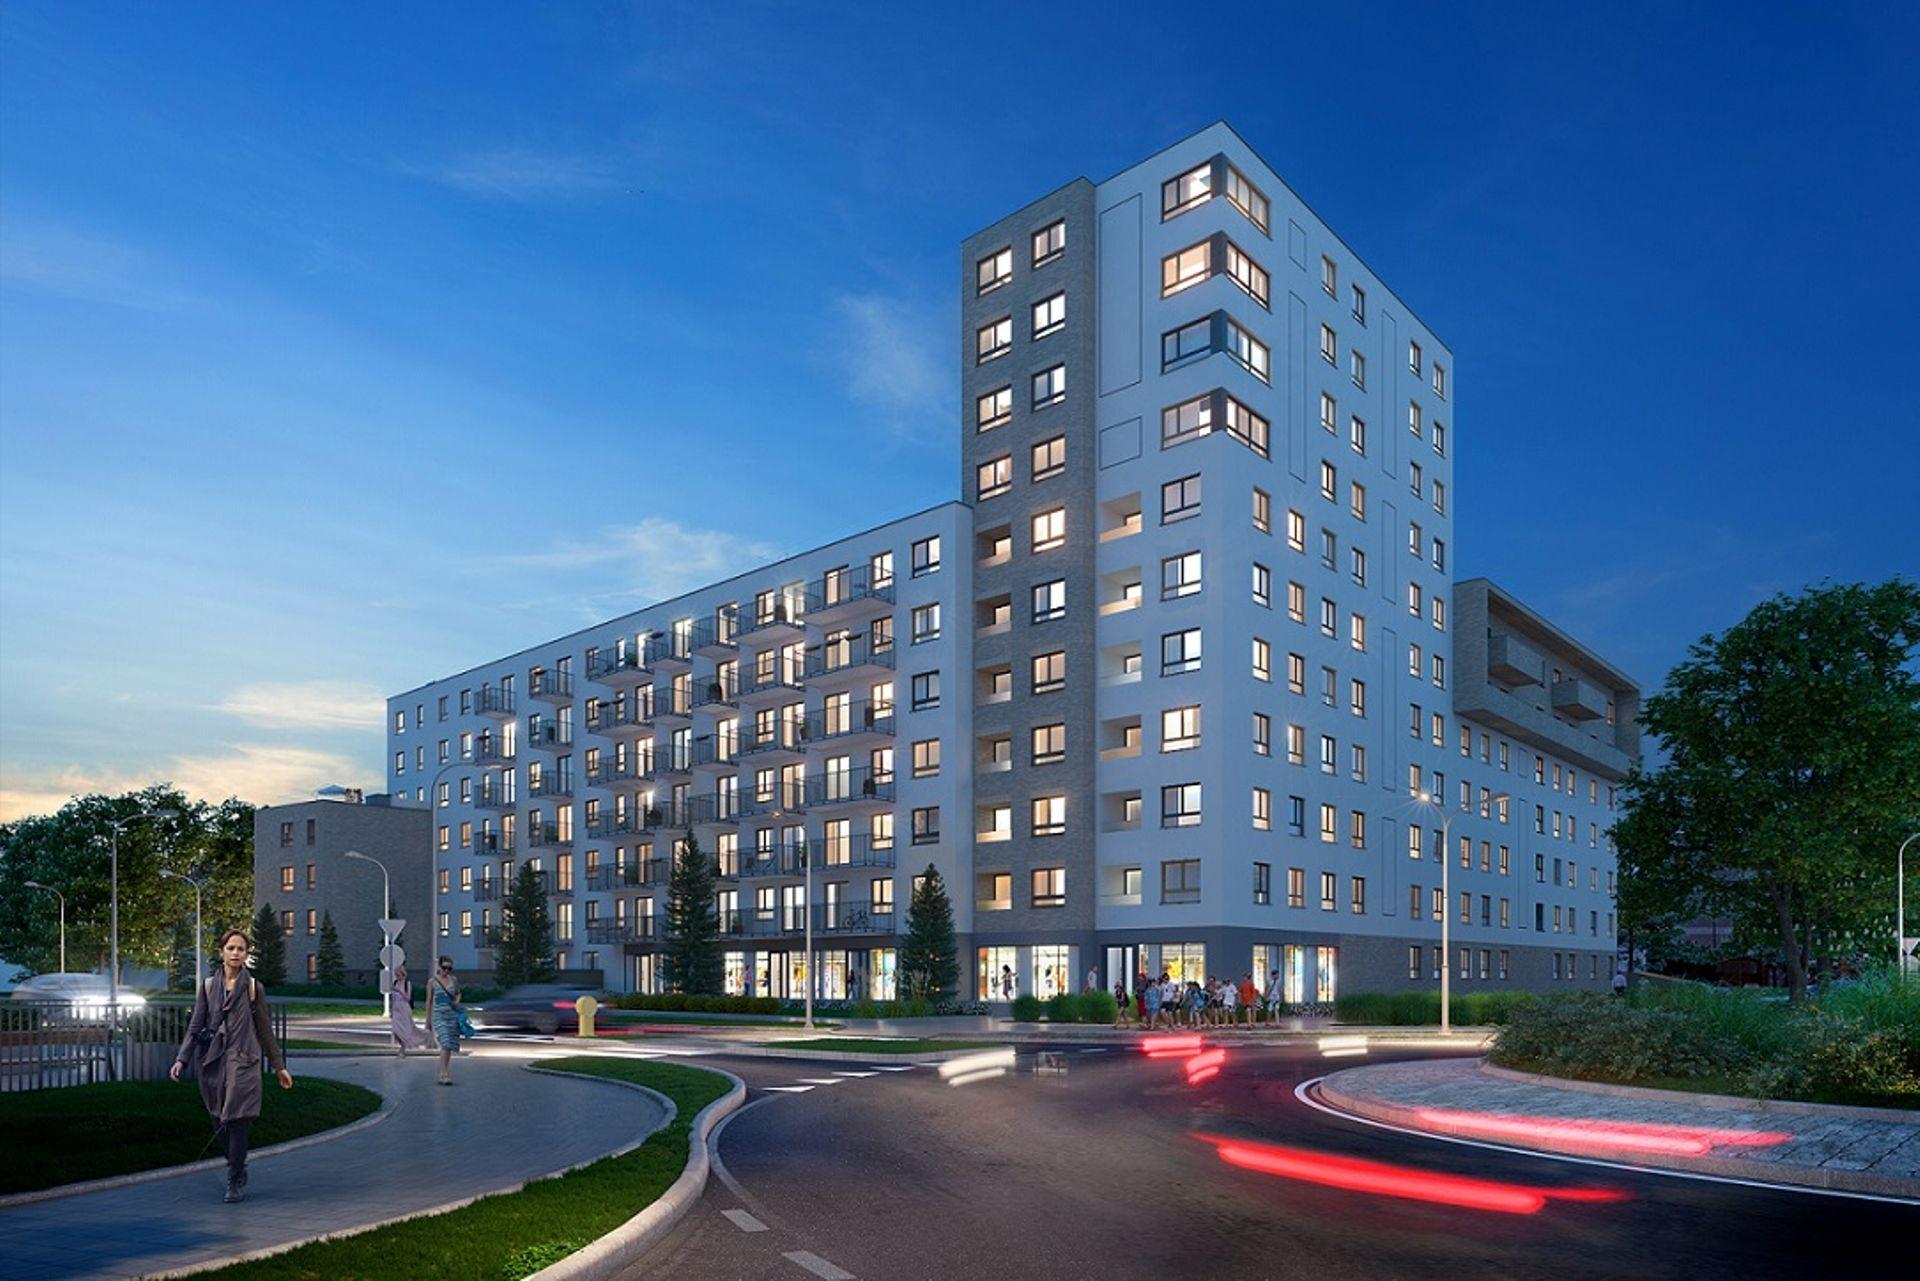 Wrocław: Piękna 21 – Dom Development buduje dziesięciopiętrowy blok w miejsce salonu samochodowego